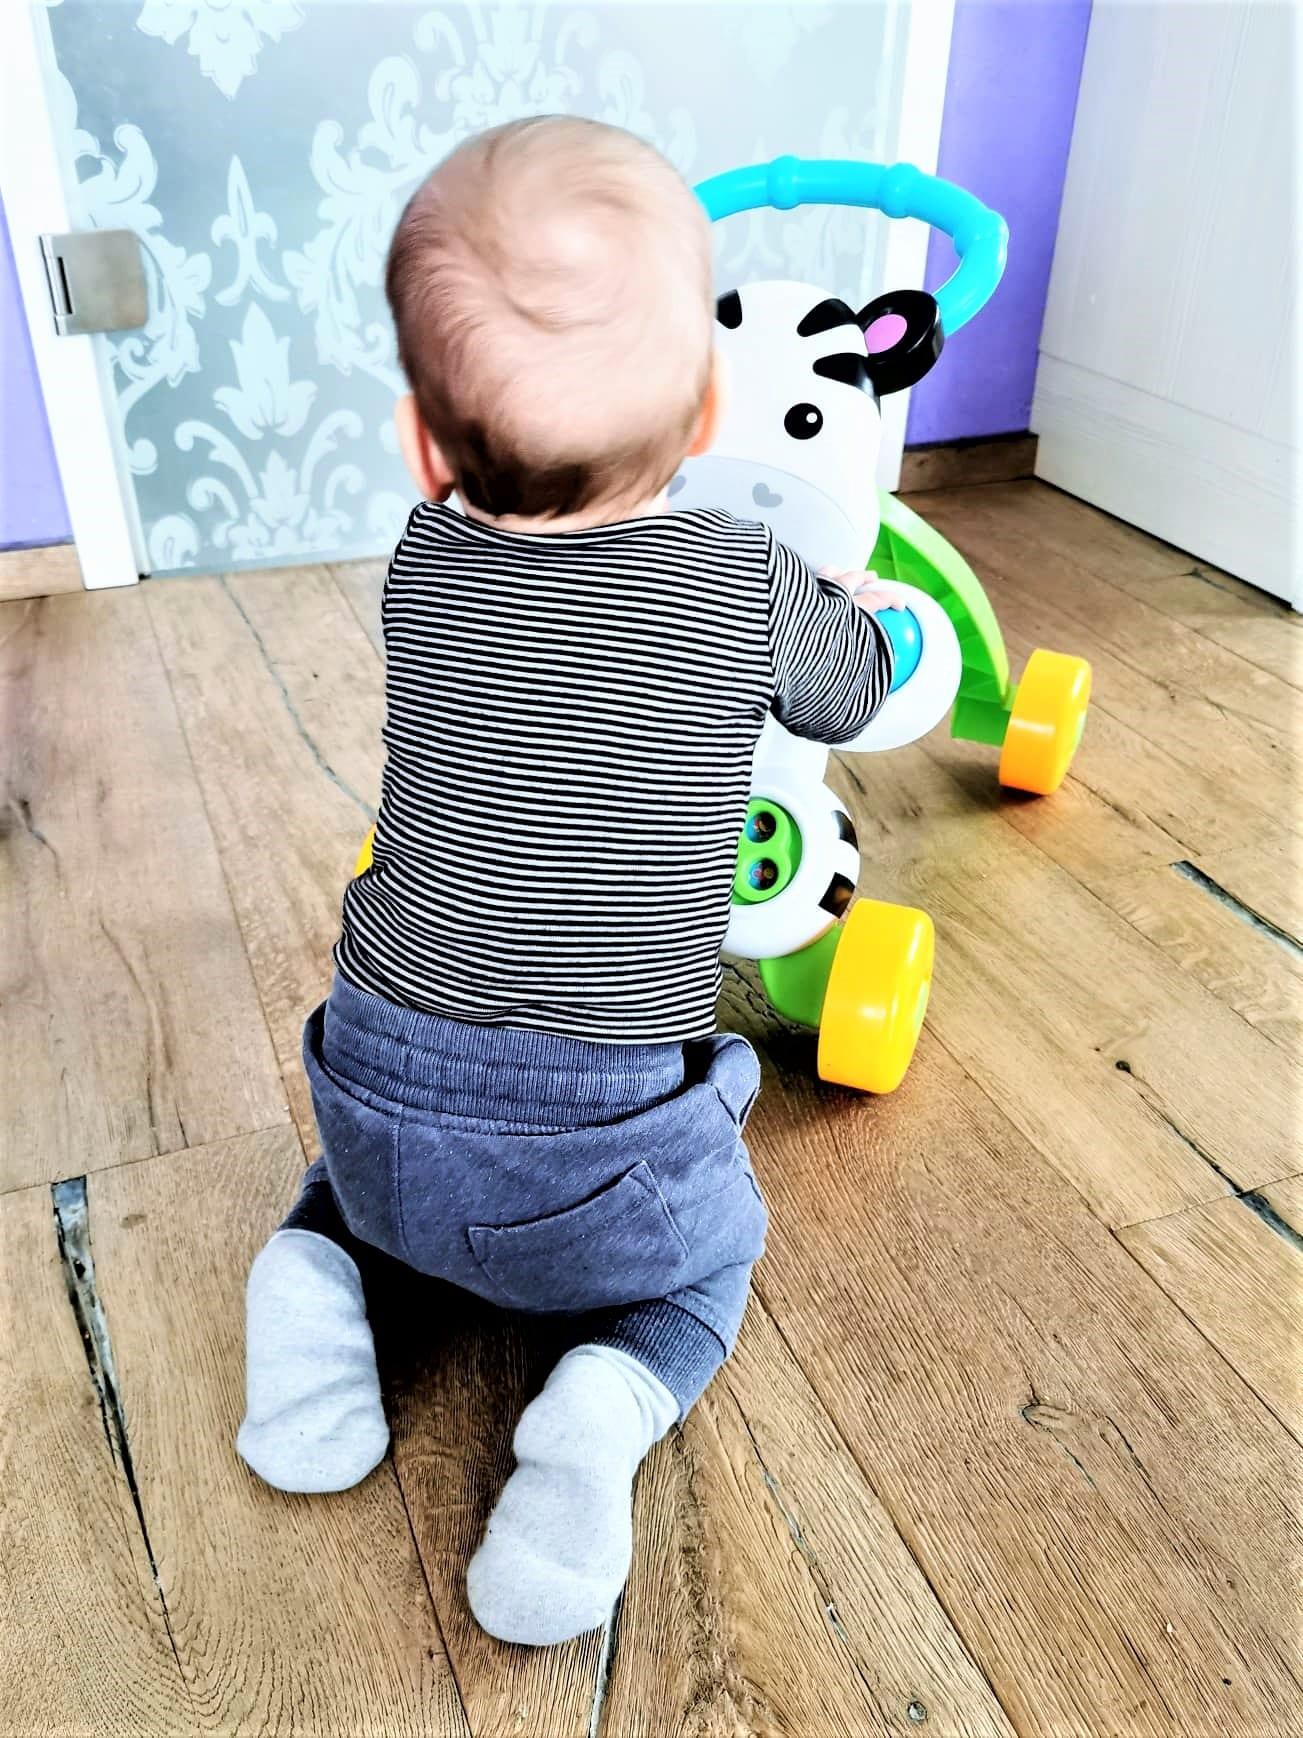 Mein Baby ist acht Monate alt. Ich erzähle über die Entwicklung, den Schlaf und wie er sich ernährt.